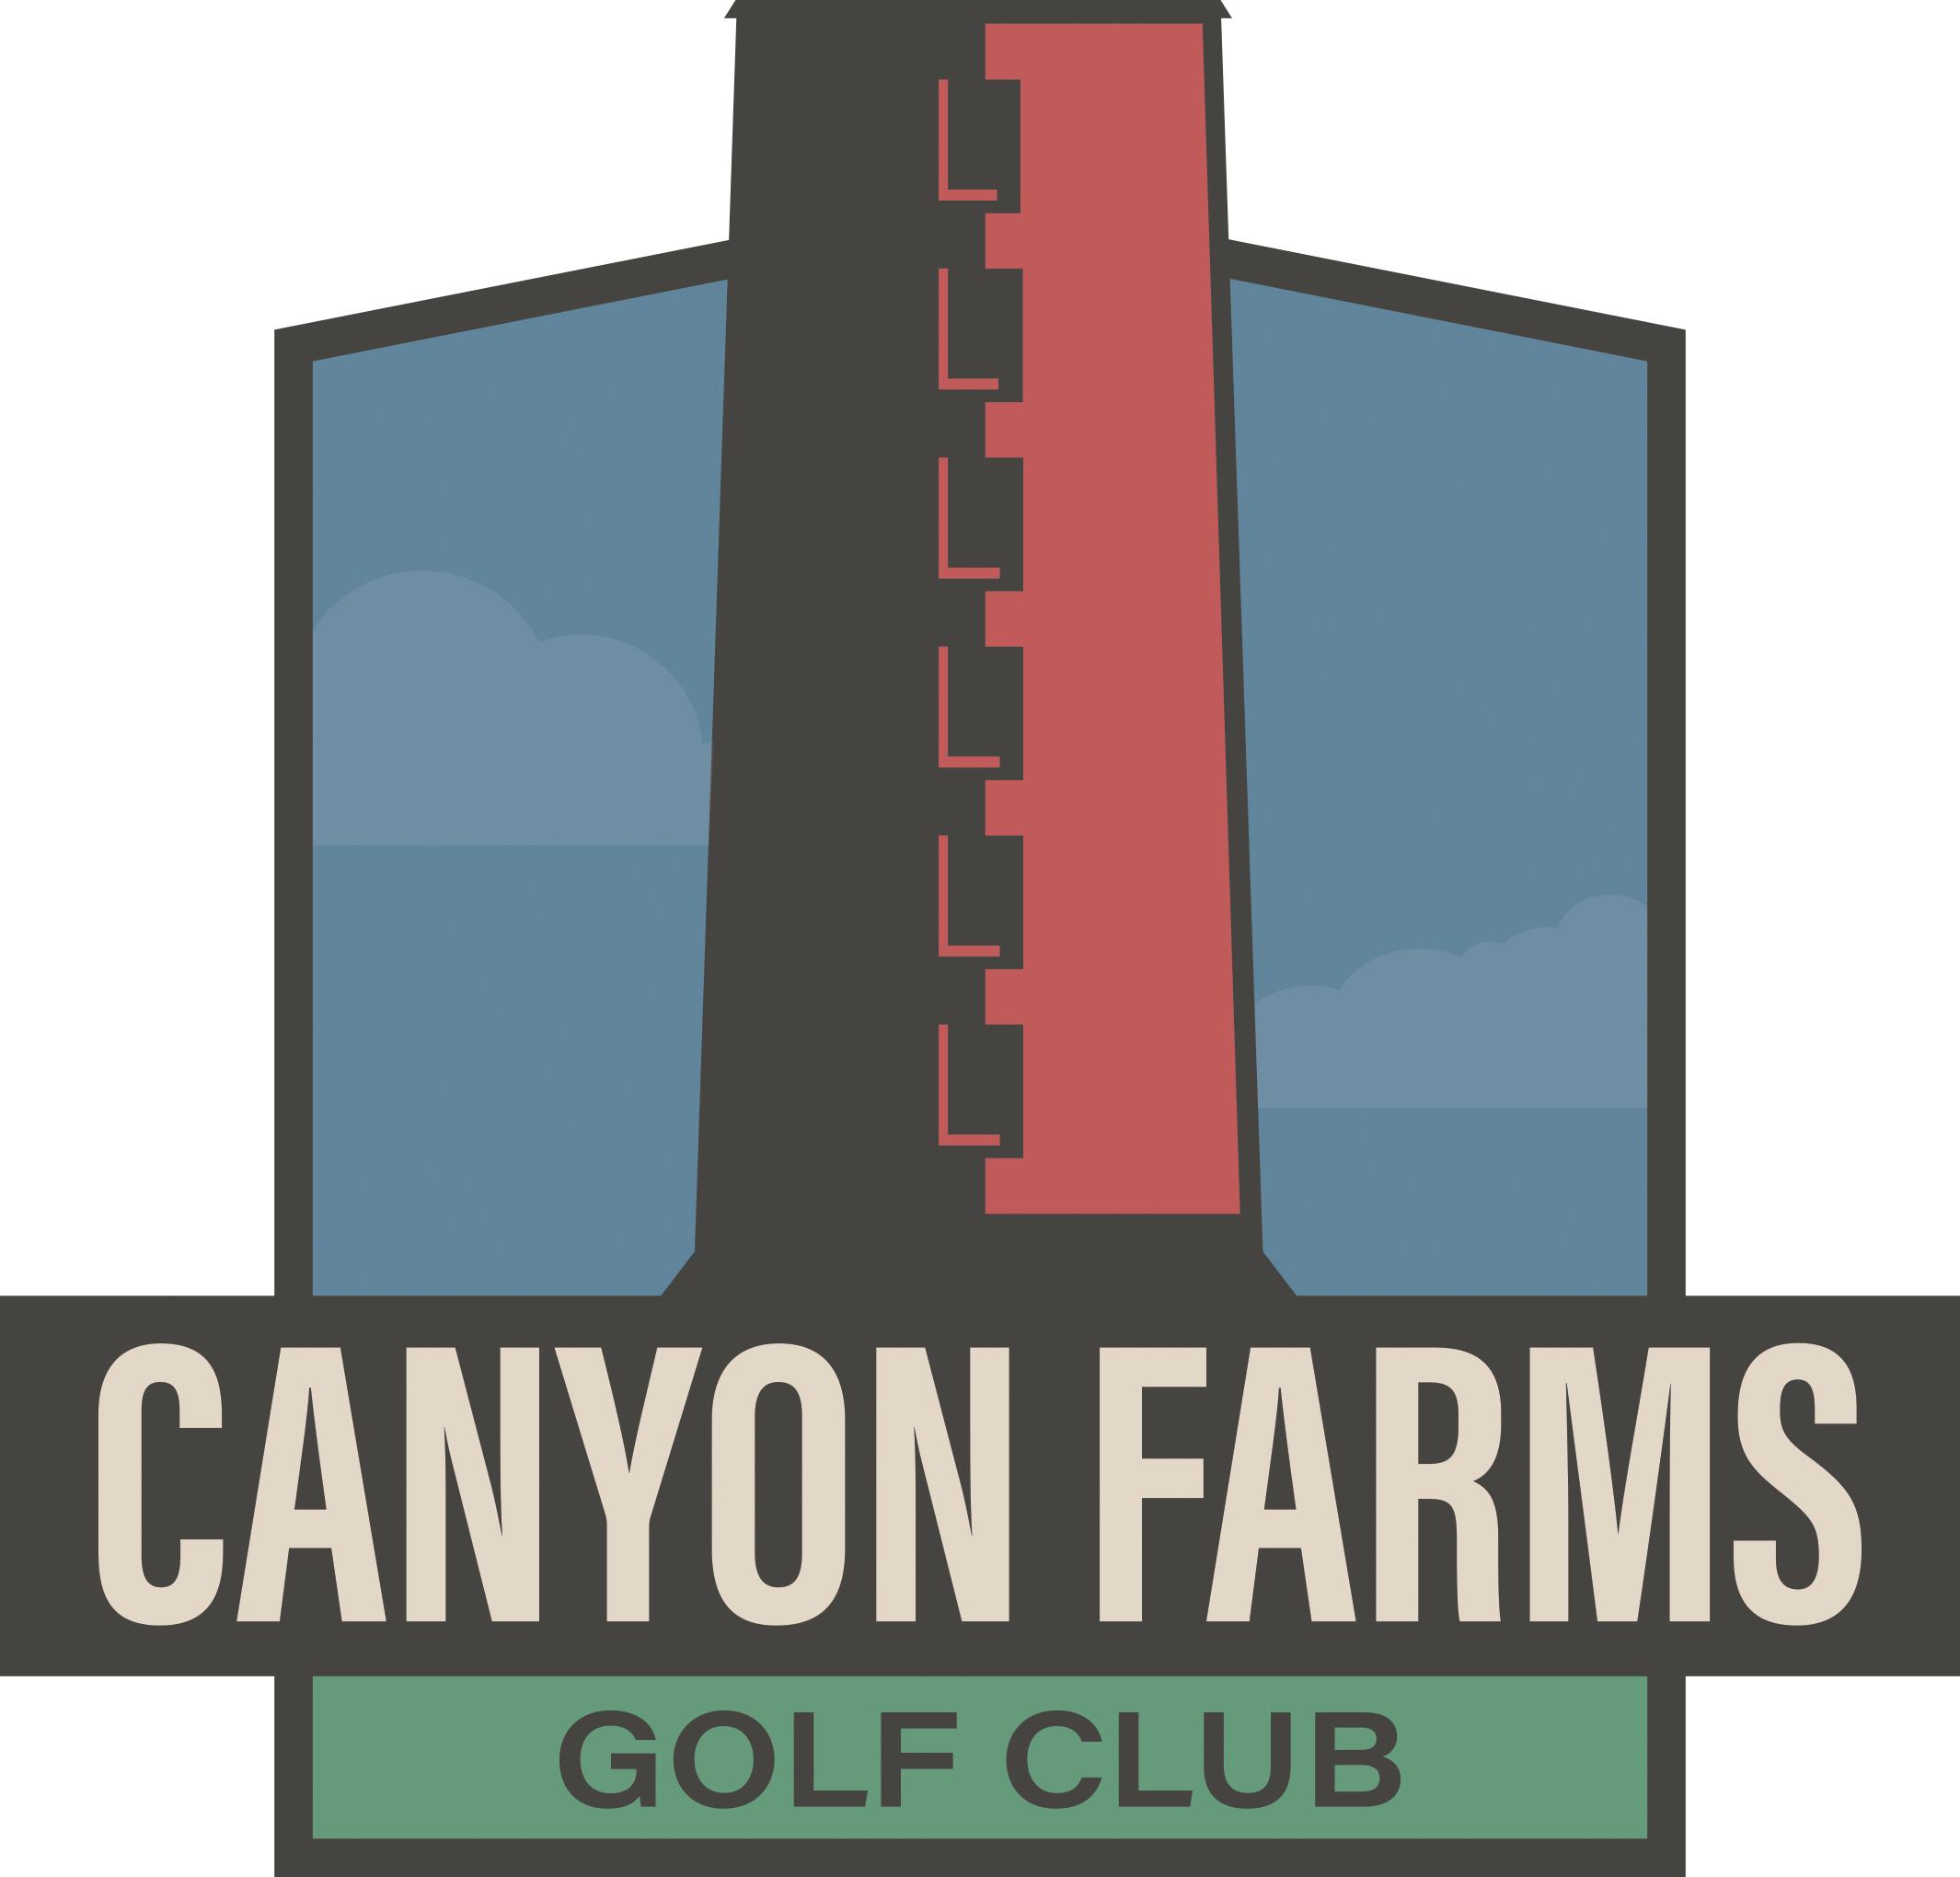 11++ Canyon farms golf course lenexa ks viral